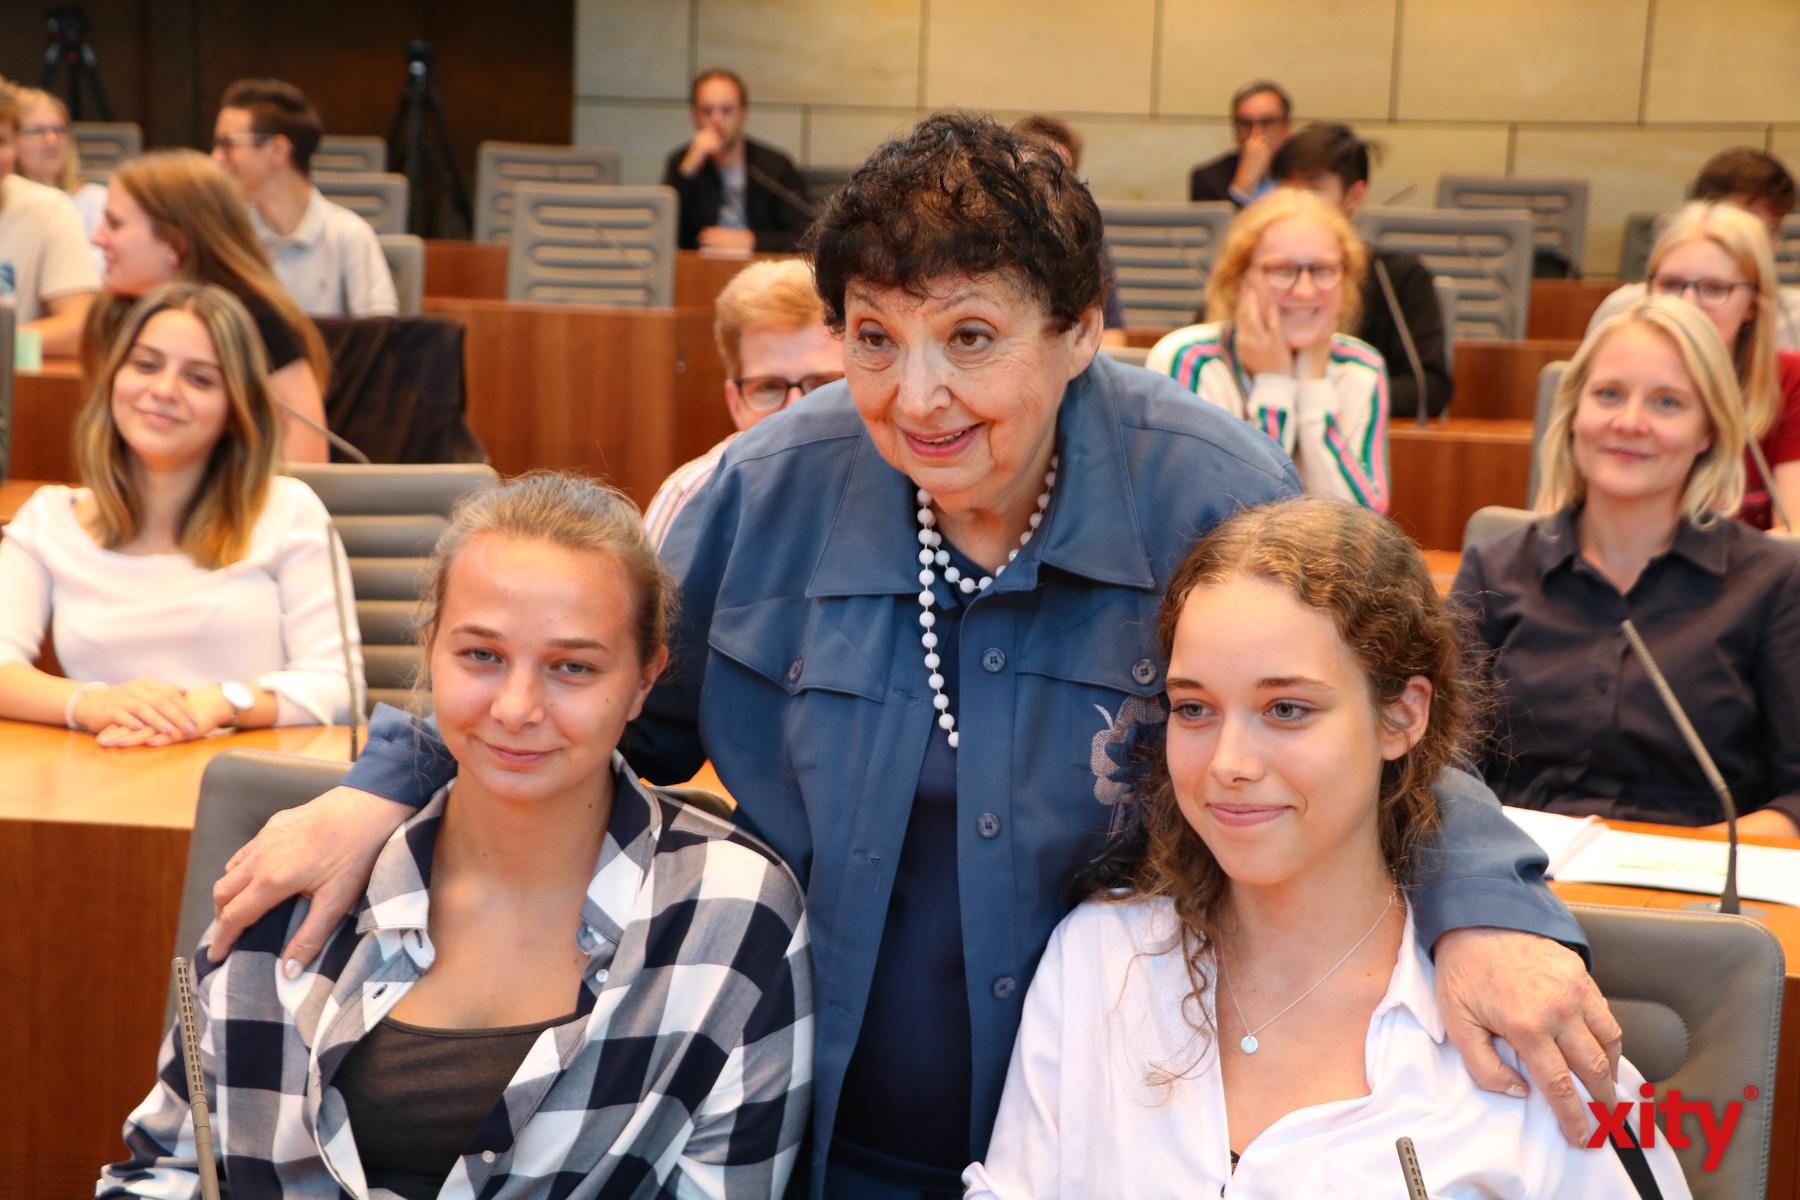 Inge Auerbacher überlebte den Holocaust und sprach am Montag im NRW-Landtag mit Jugendlichen darüber (Foto: xity)